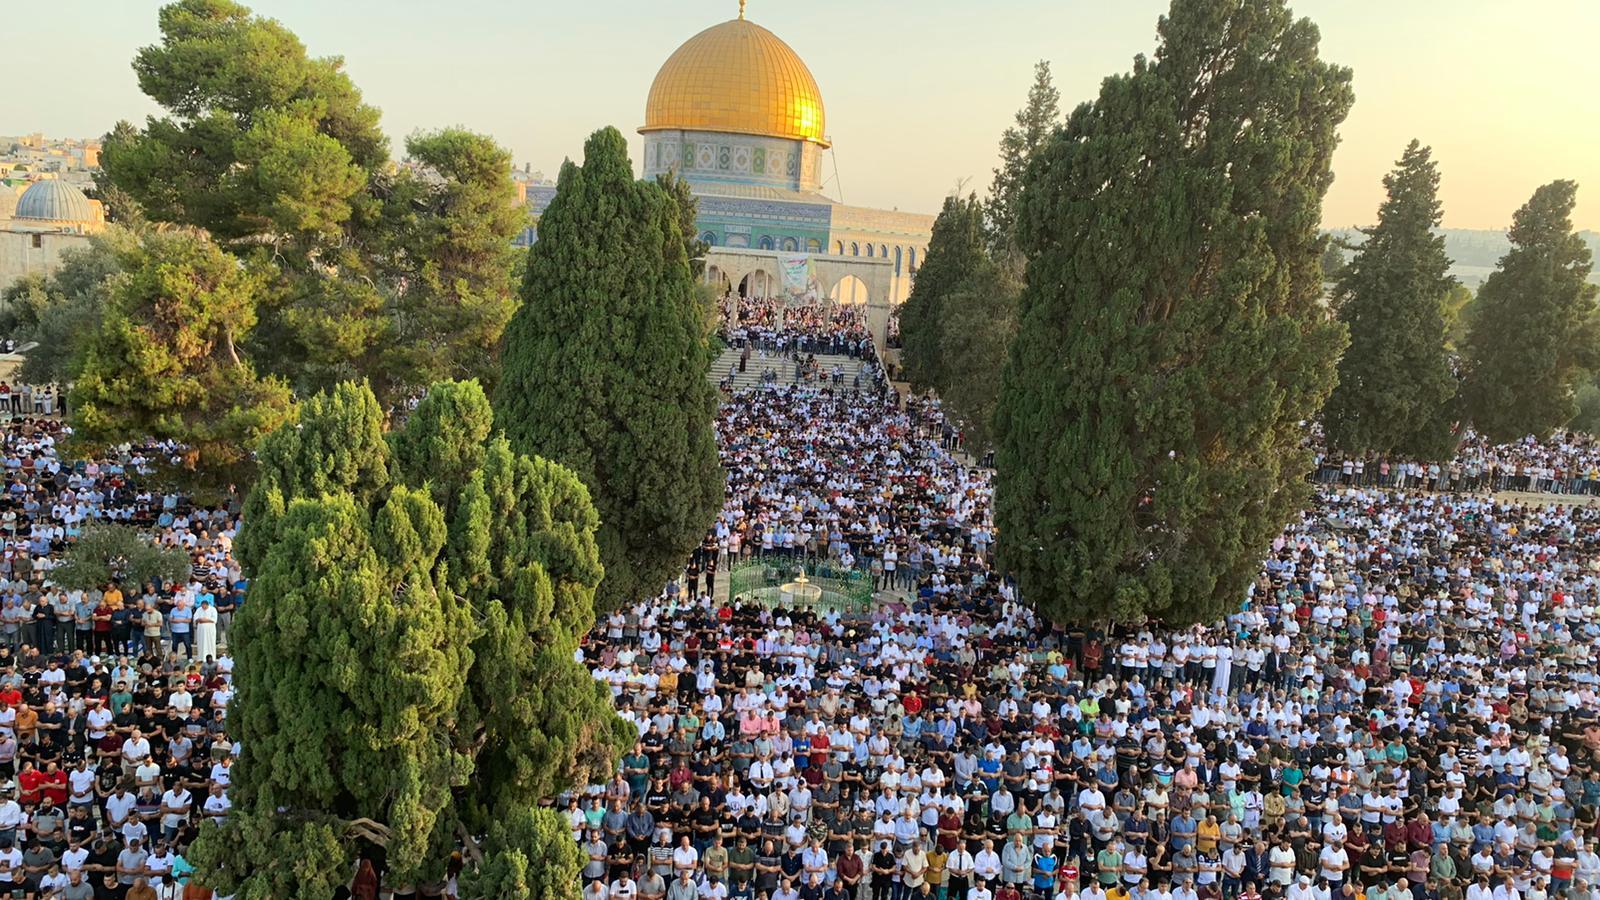 اكثر من 10 آلاف فلسطيني يؤدون صلاة عيد الأضحى في المسجد الاقصى